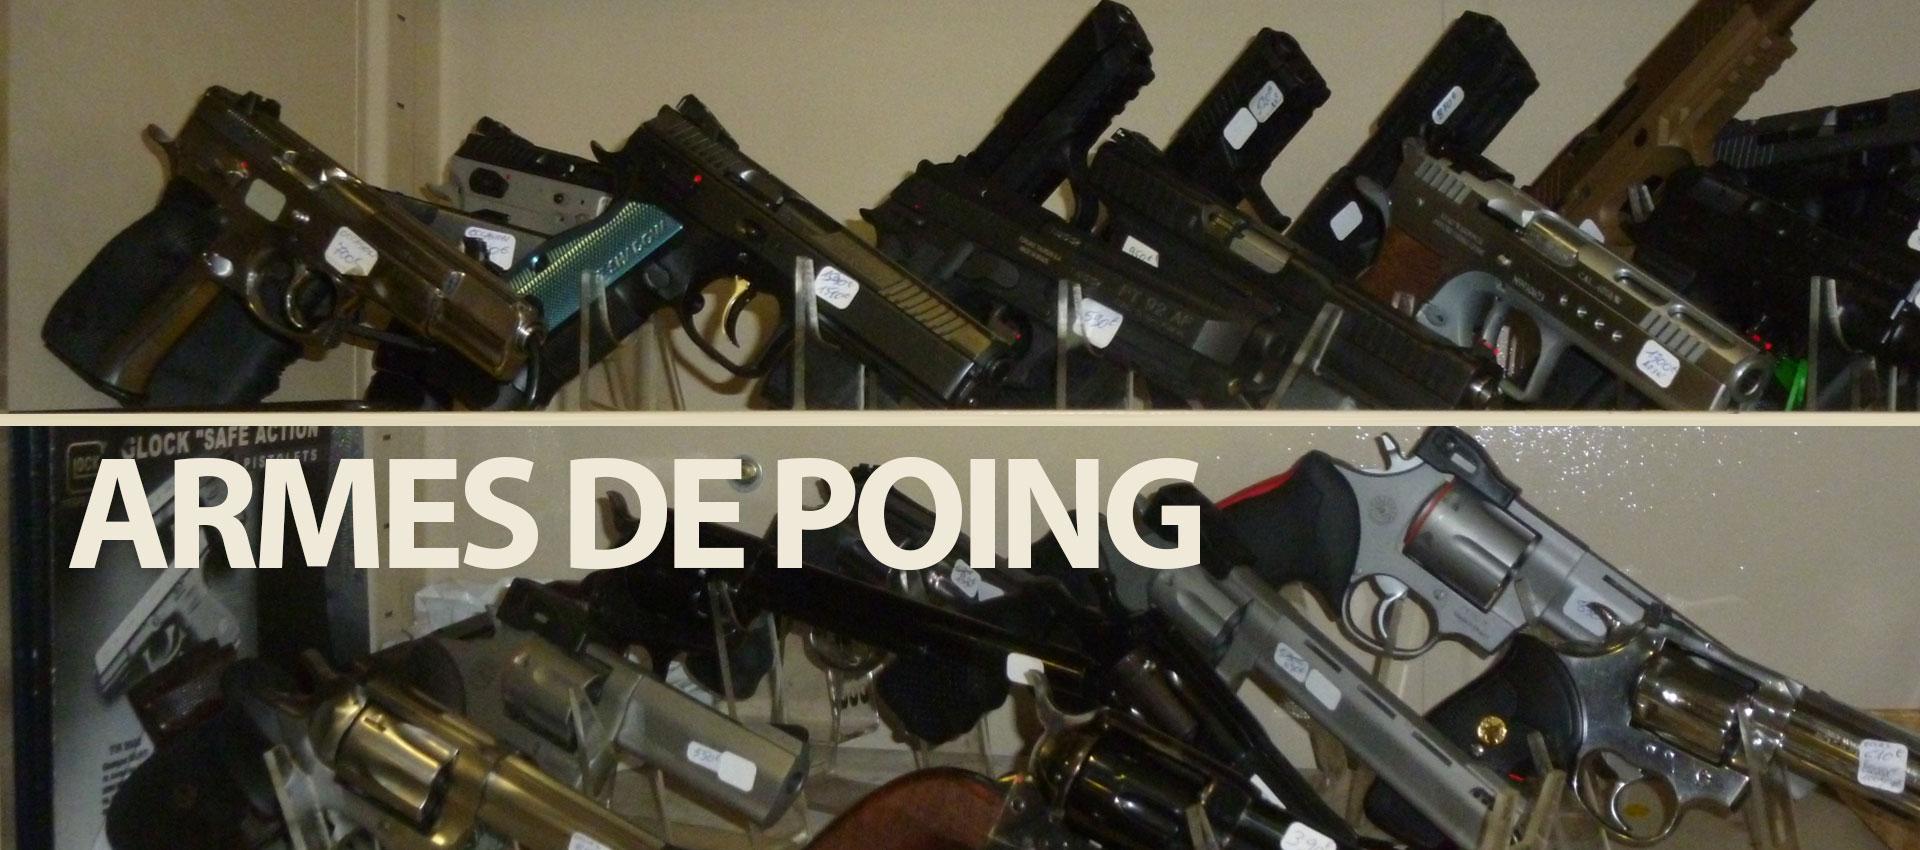 TIR 2000 armes de poing Montbéliard